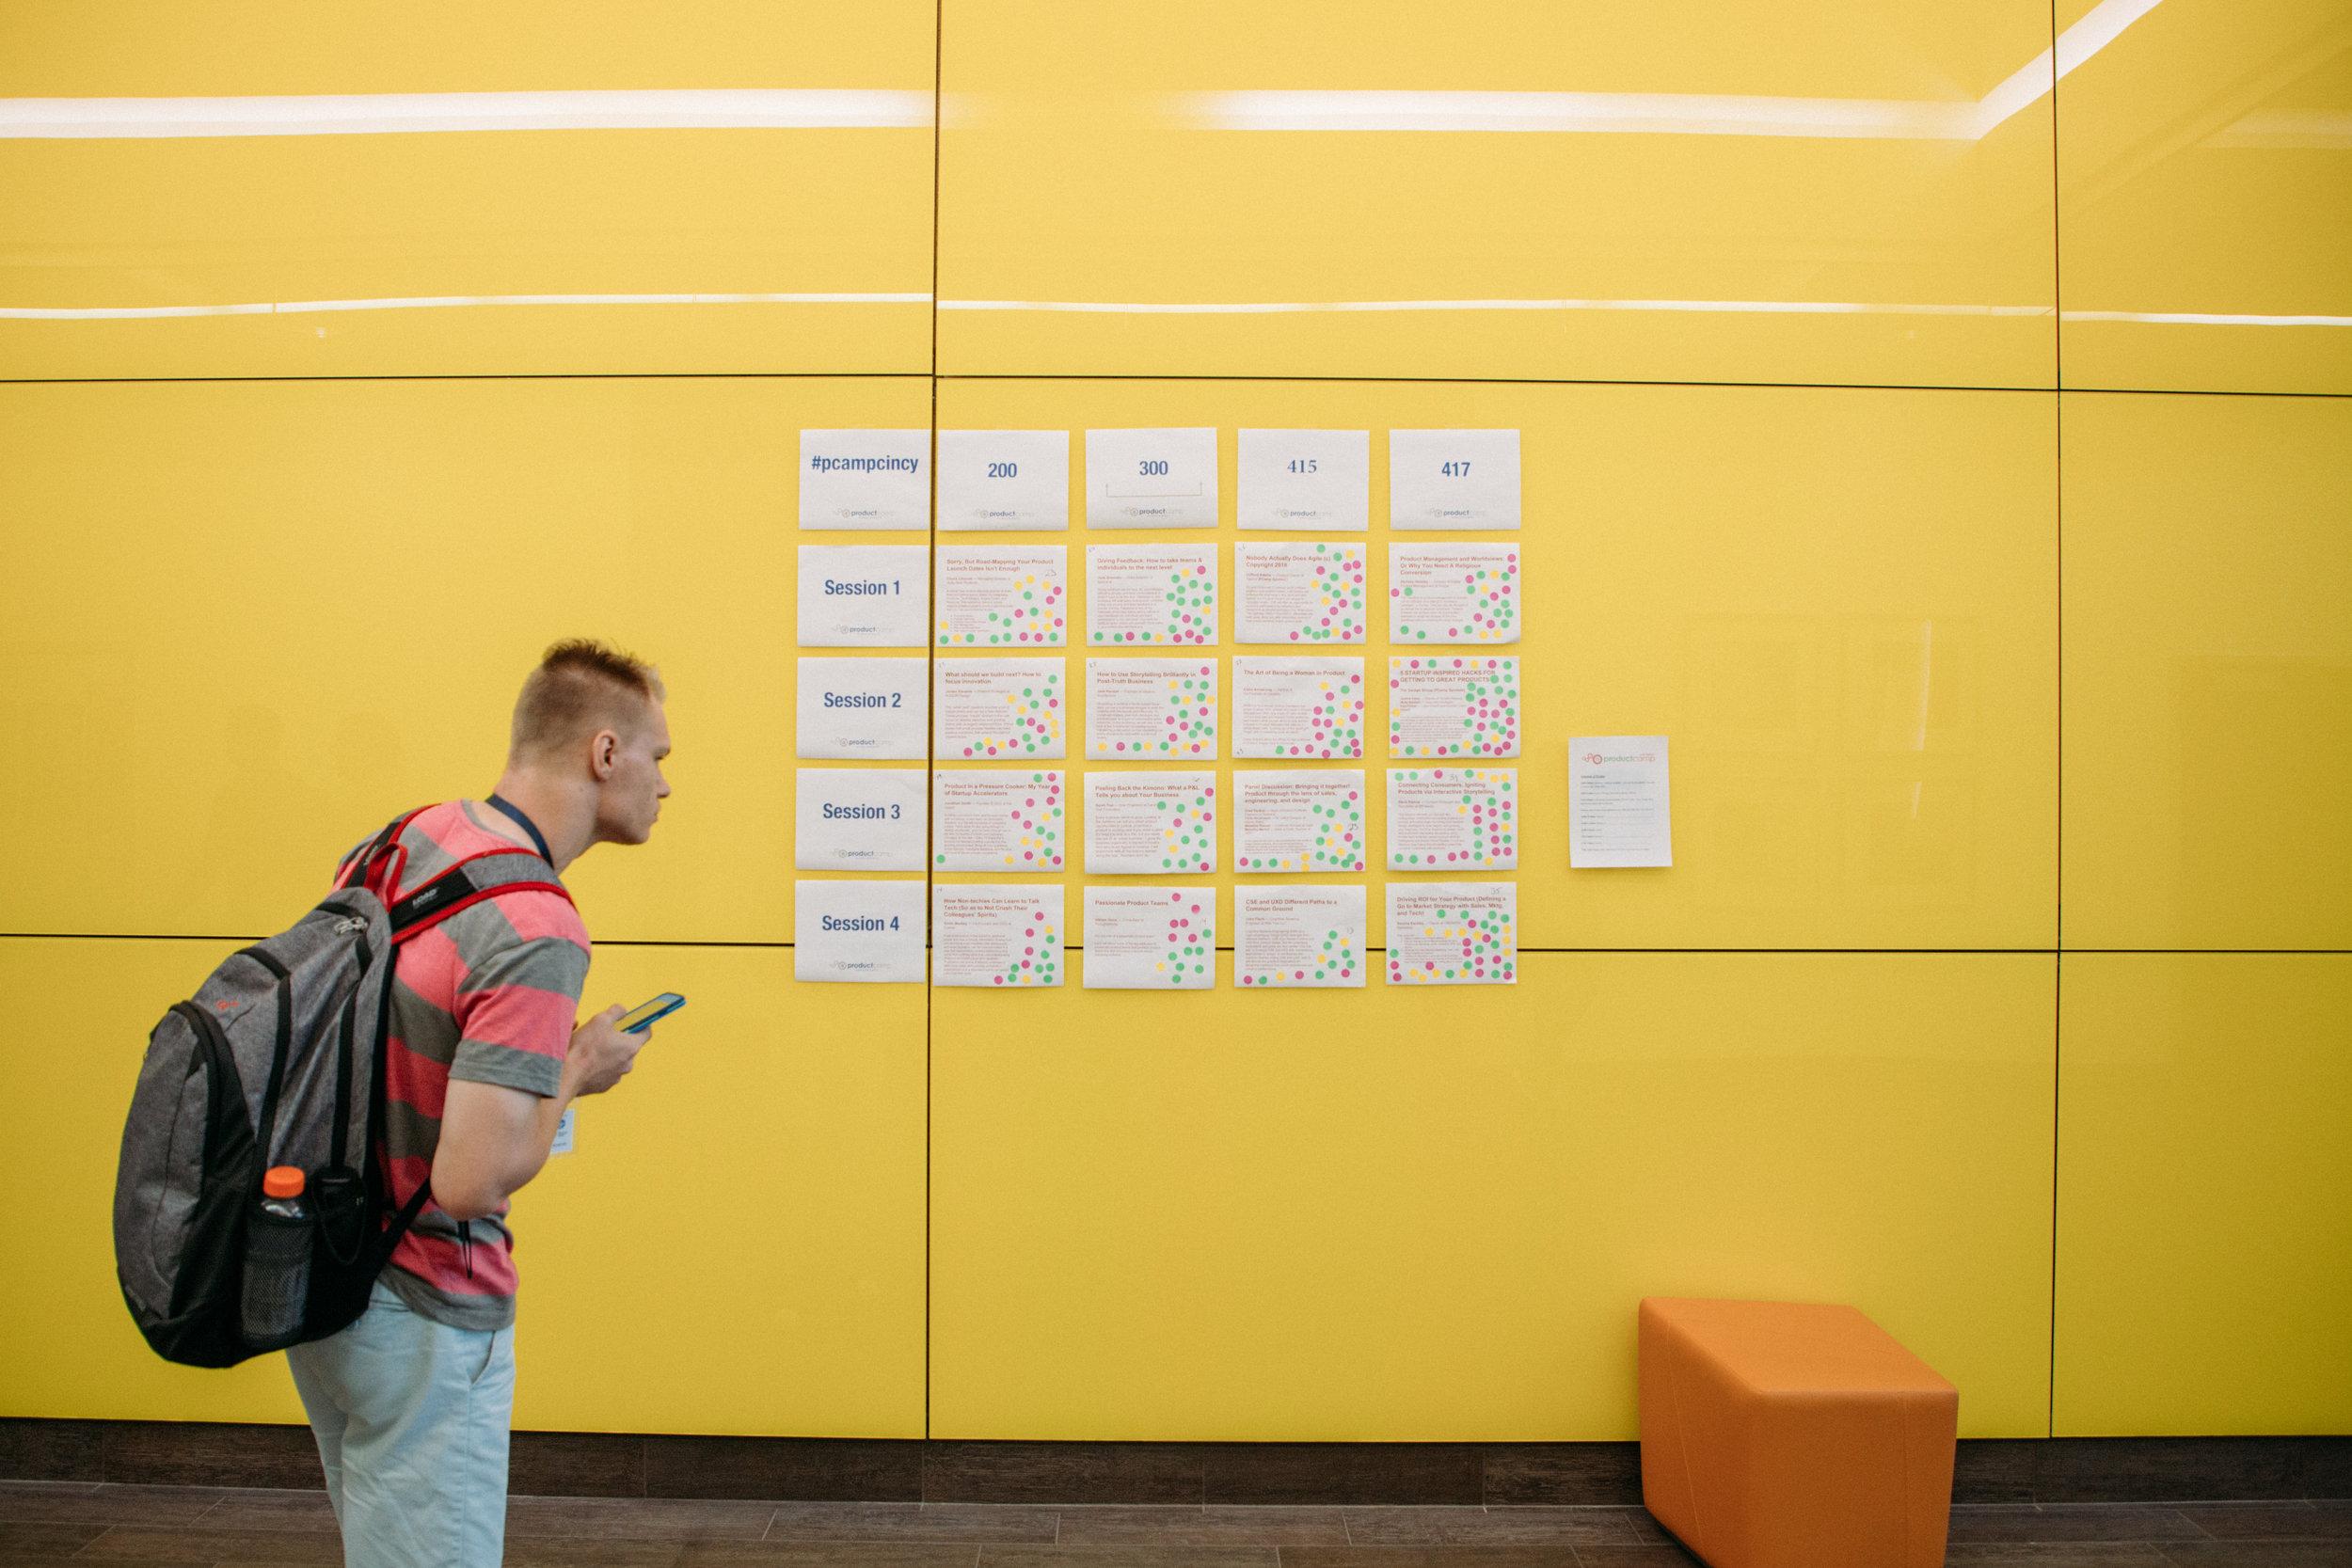 ProductCamp Cincinnati Speaker wall.JPG